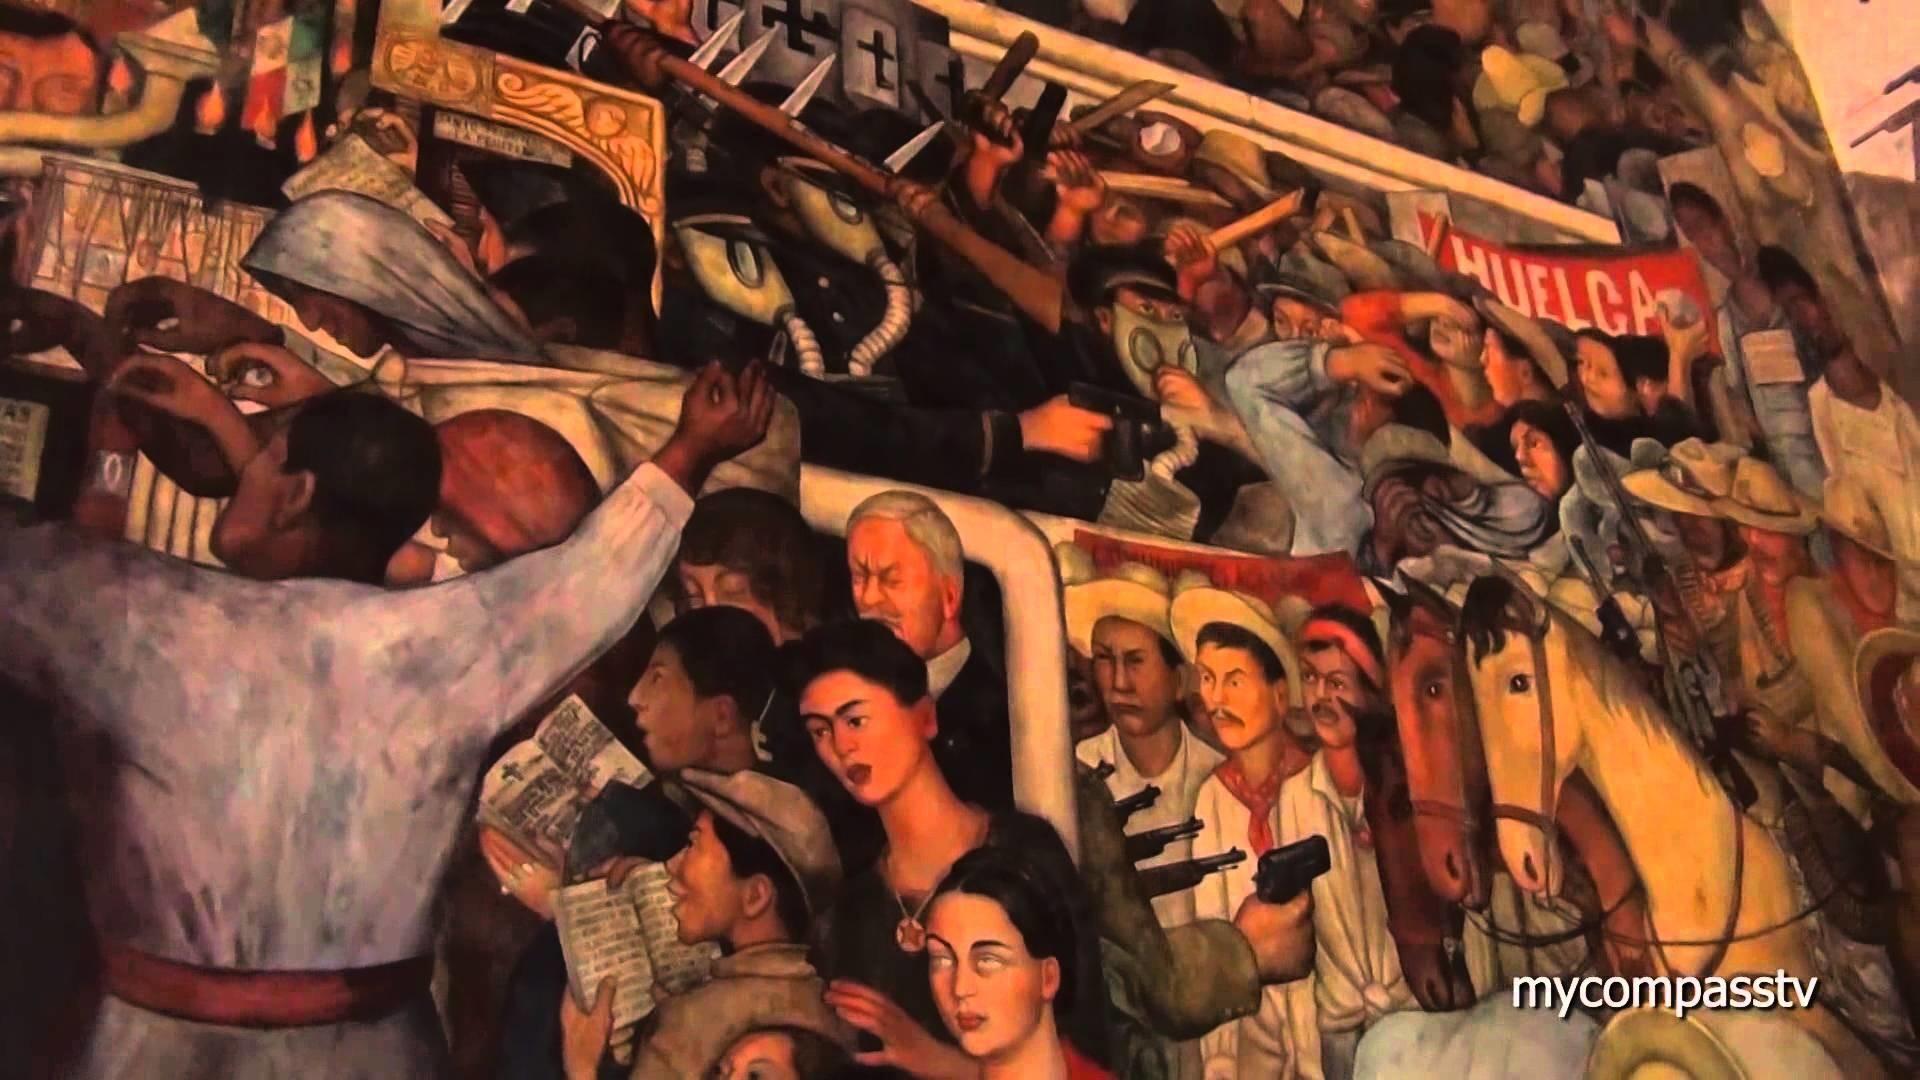 Res: 1920x1080, Murales de Diego Rivera en México - Palacio Nacional - travel channel -  YouTube